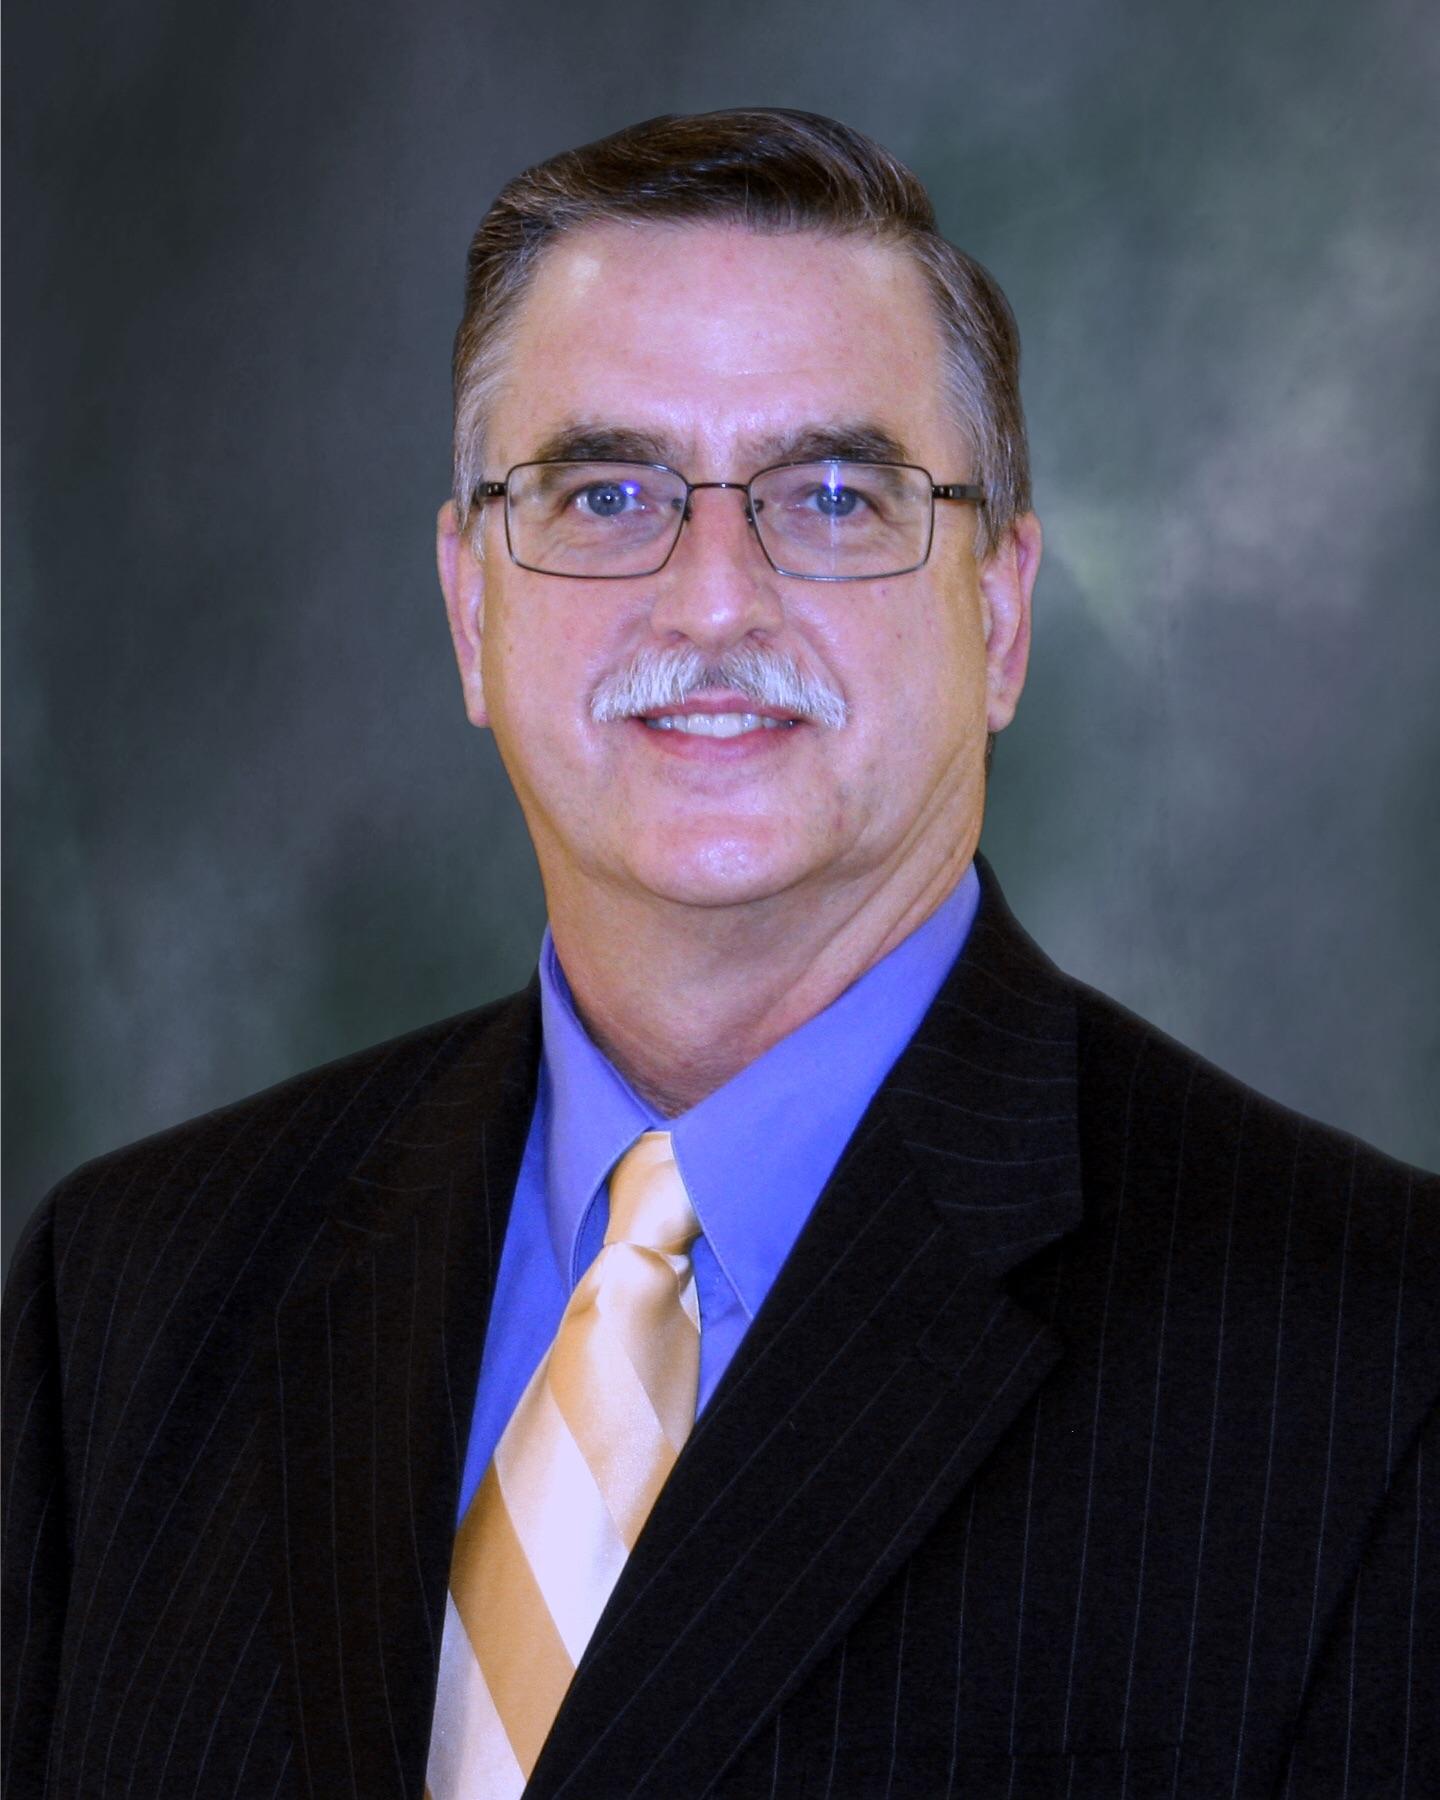 Jimmie Tullis - Education